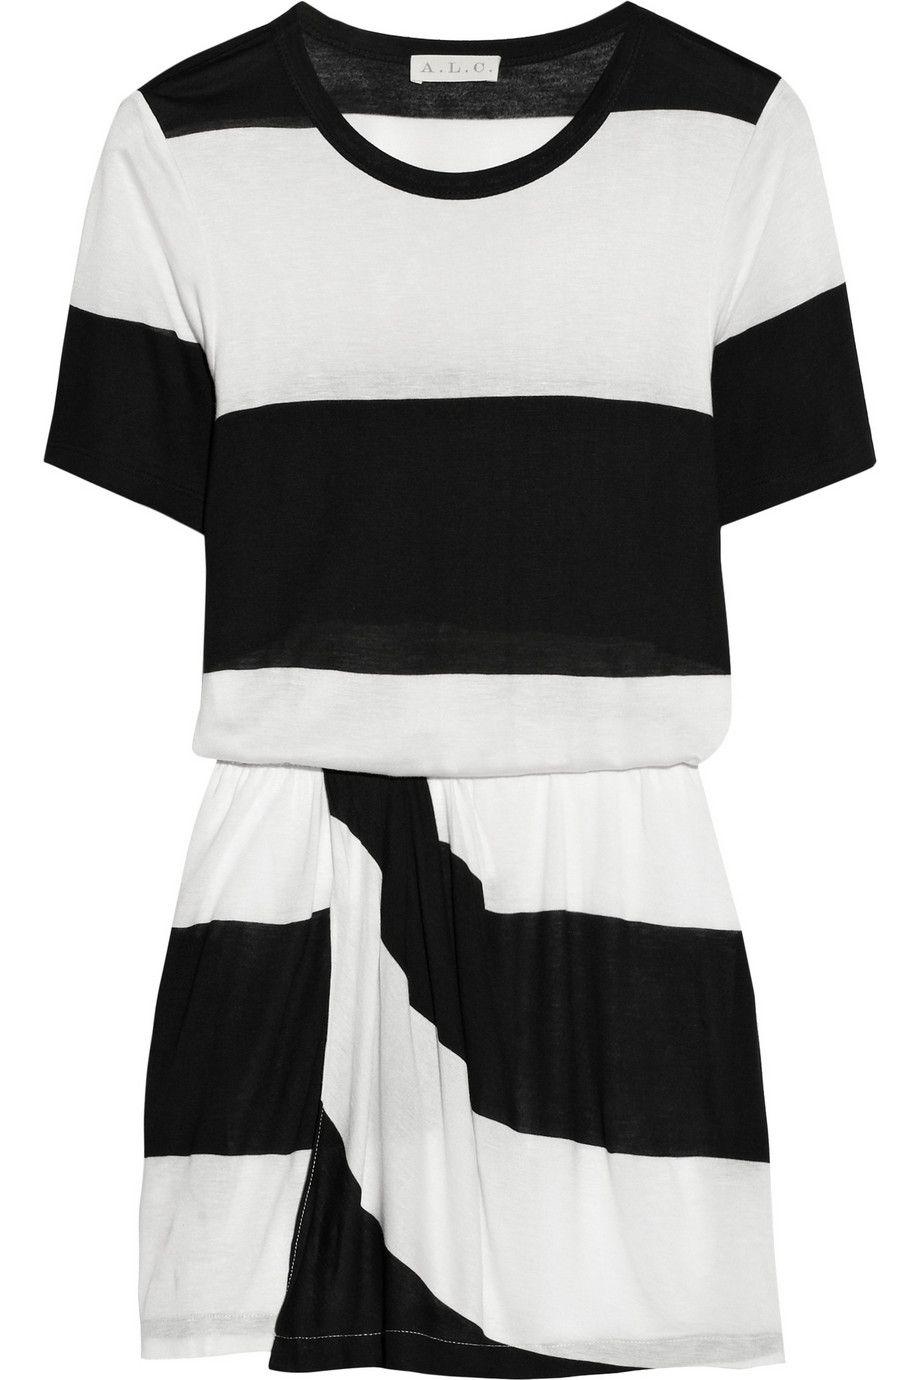 a l c finn striped cotton jersey dress eazy breezy summer